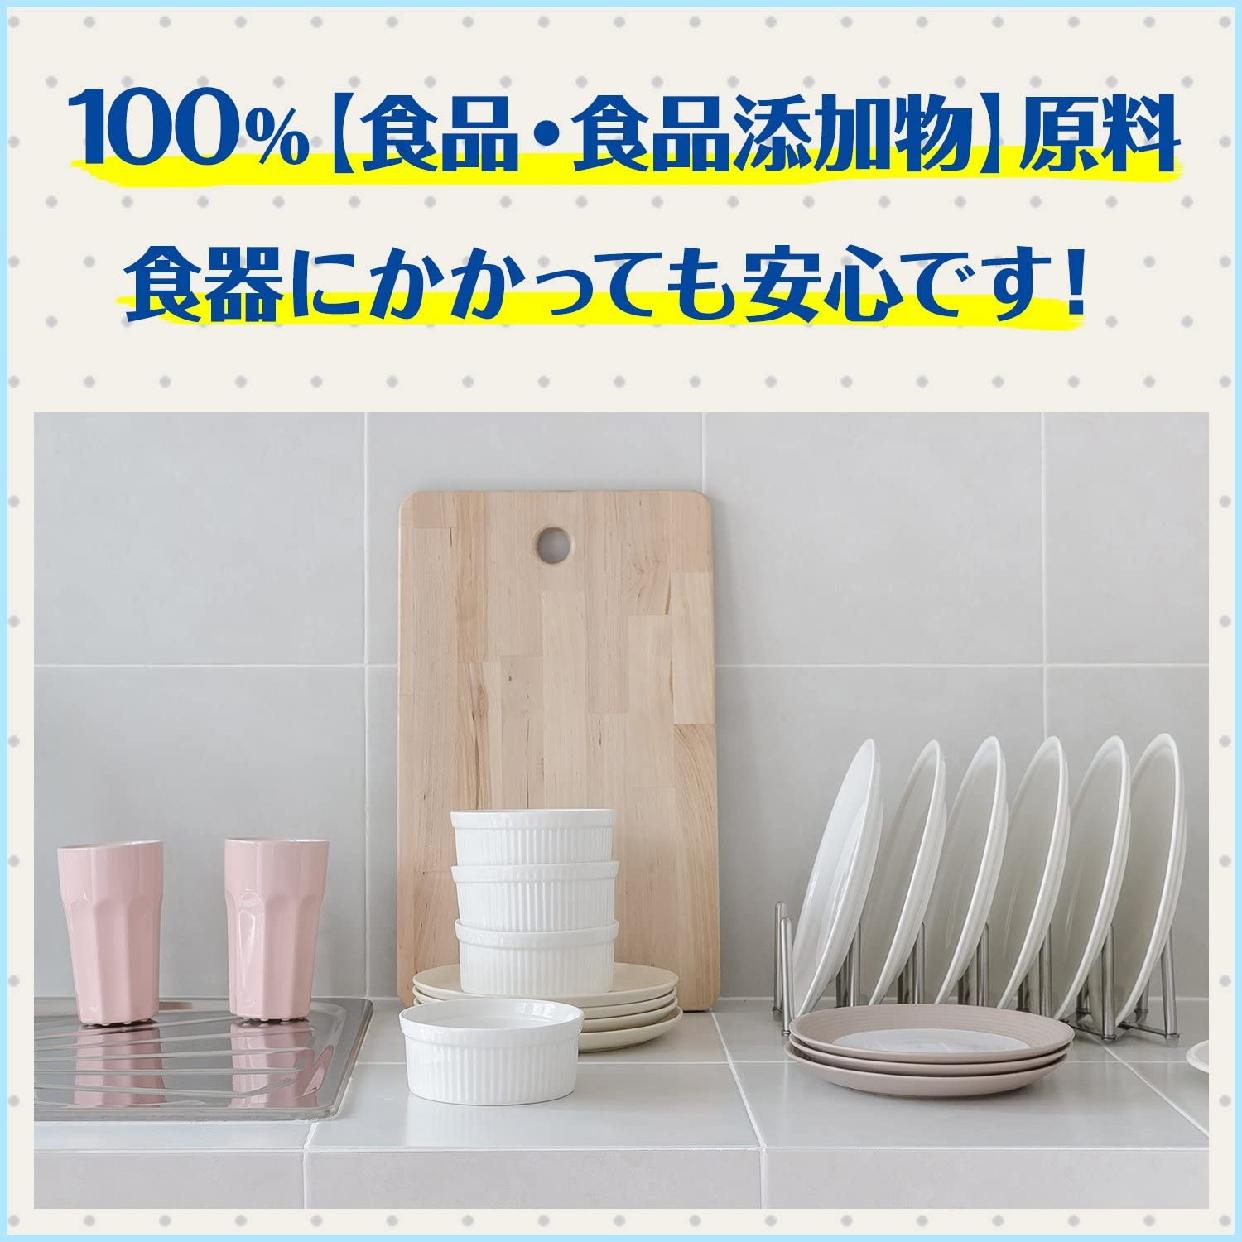 カビキラーアルコール除菌 キッチン用の商品画像3